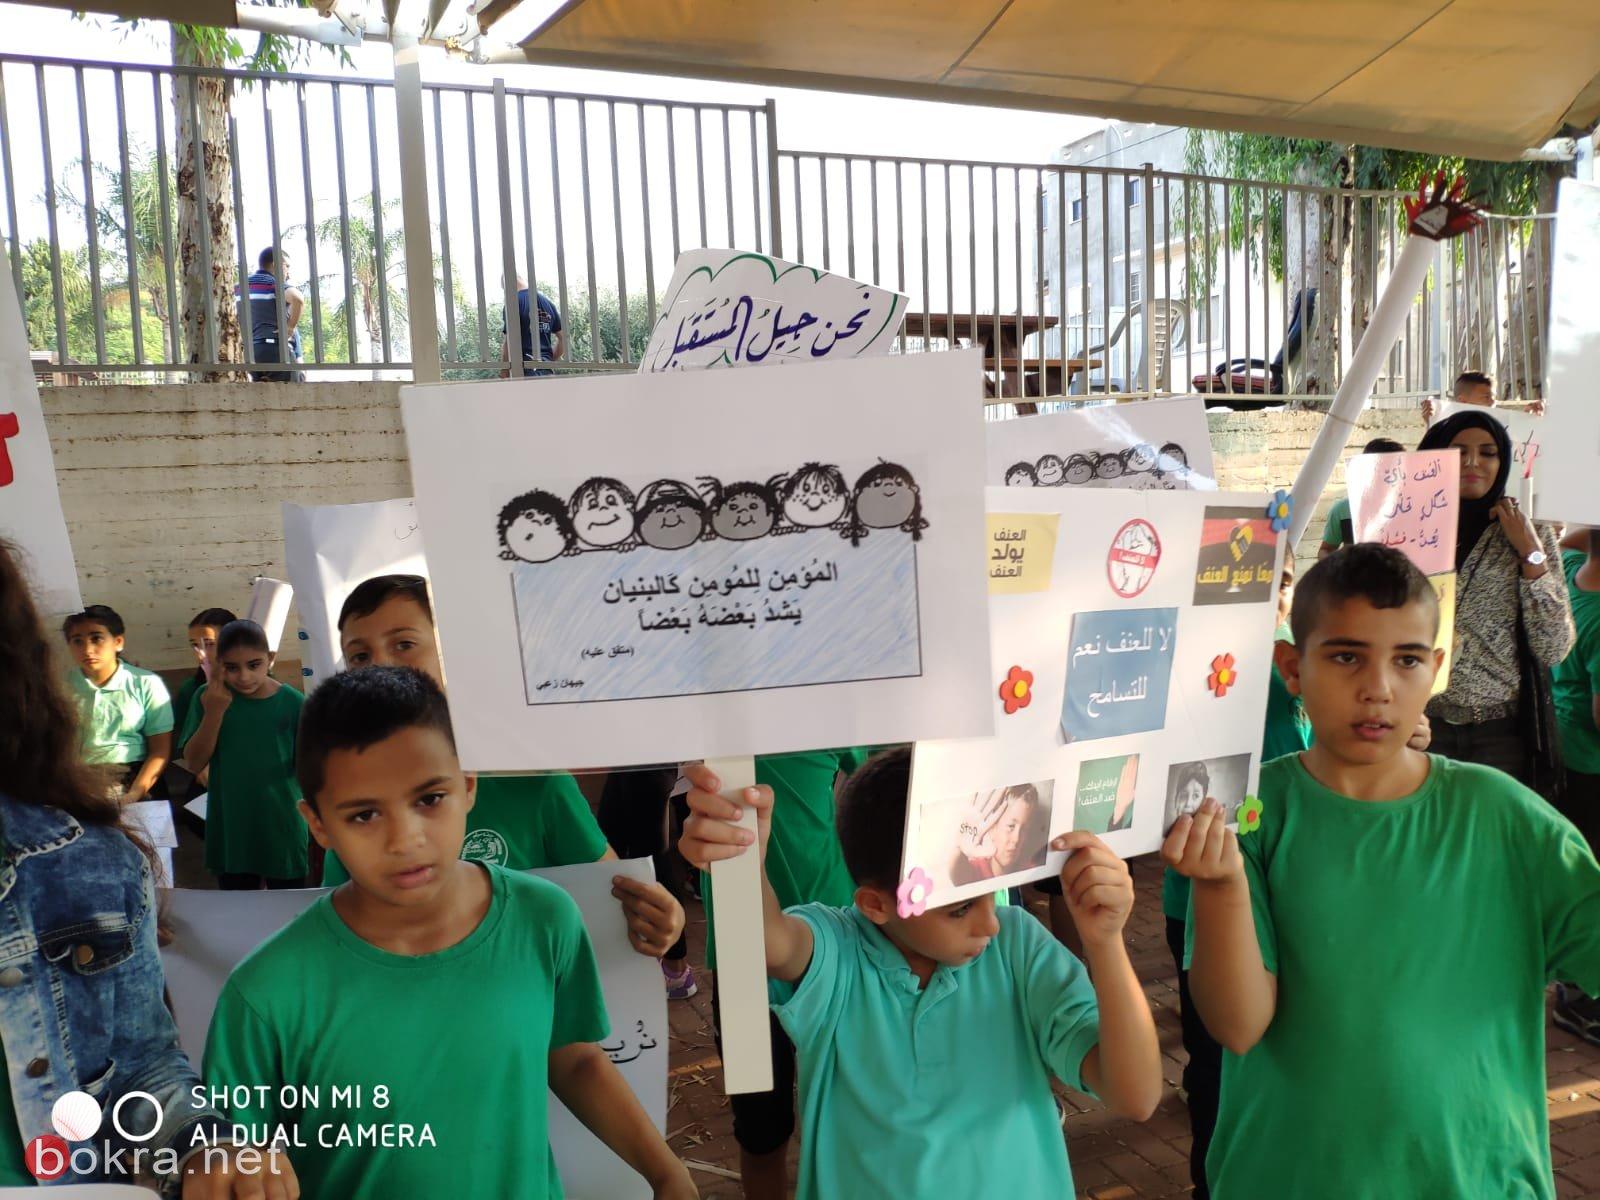 طلاب مدرسة سولم ينتفضون ضد العنف